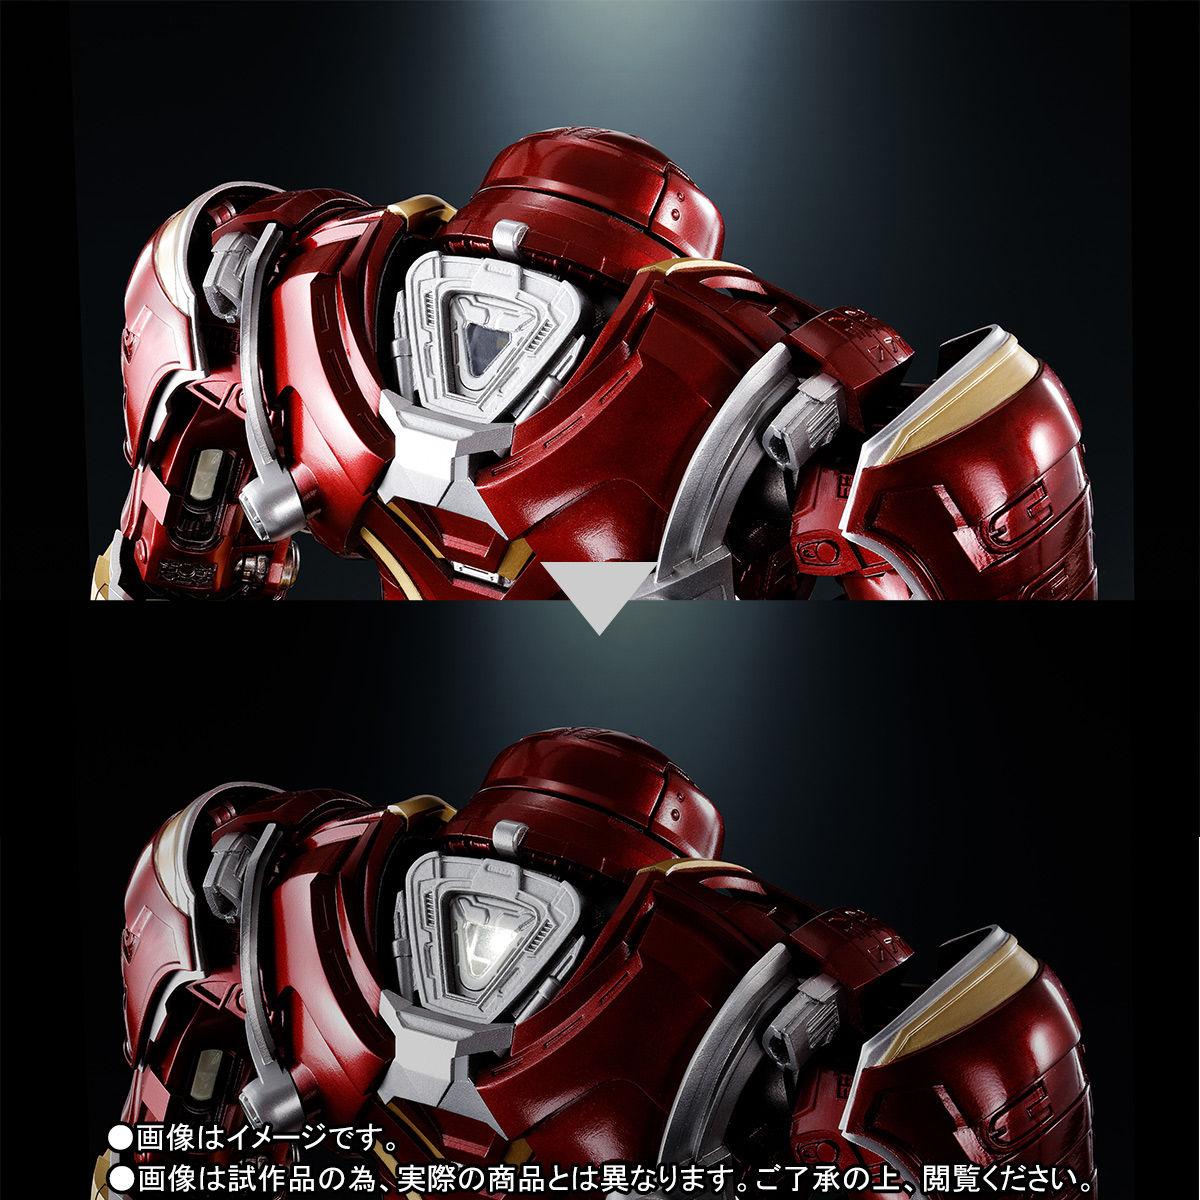 超合金×S.H.Figuarts『ハルクバスター マーク2|アベンジャーズ/インフィニティ・ウォー』可動フィギュア-008